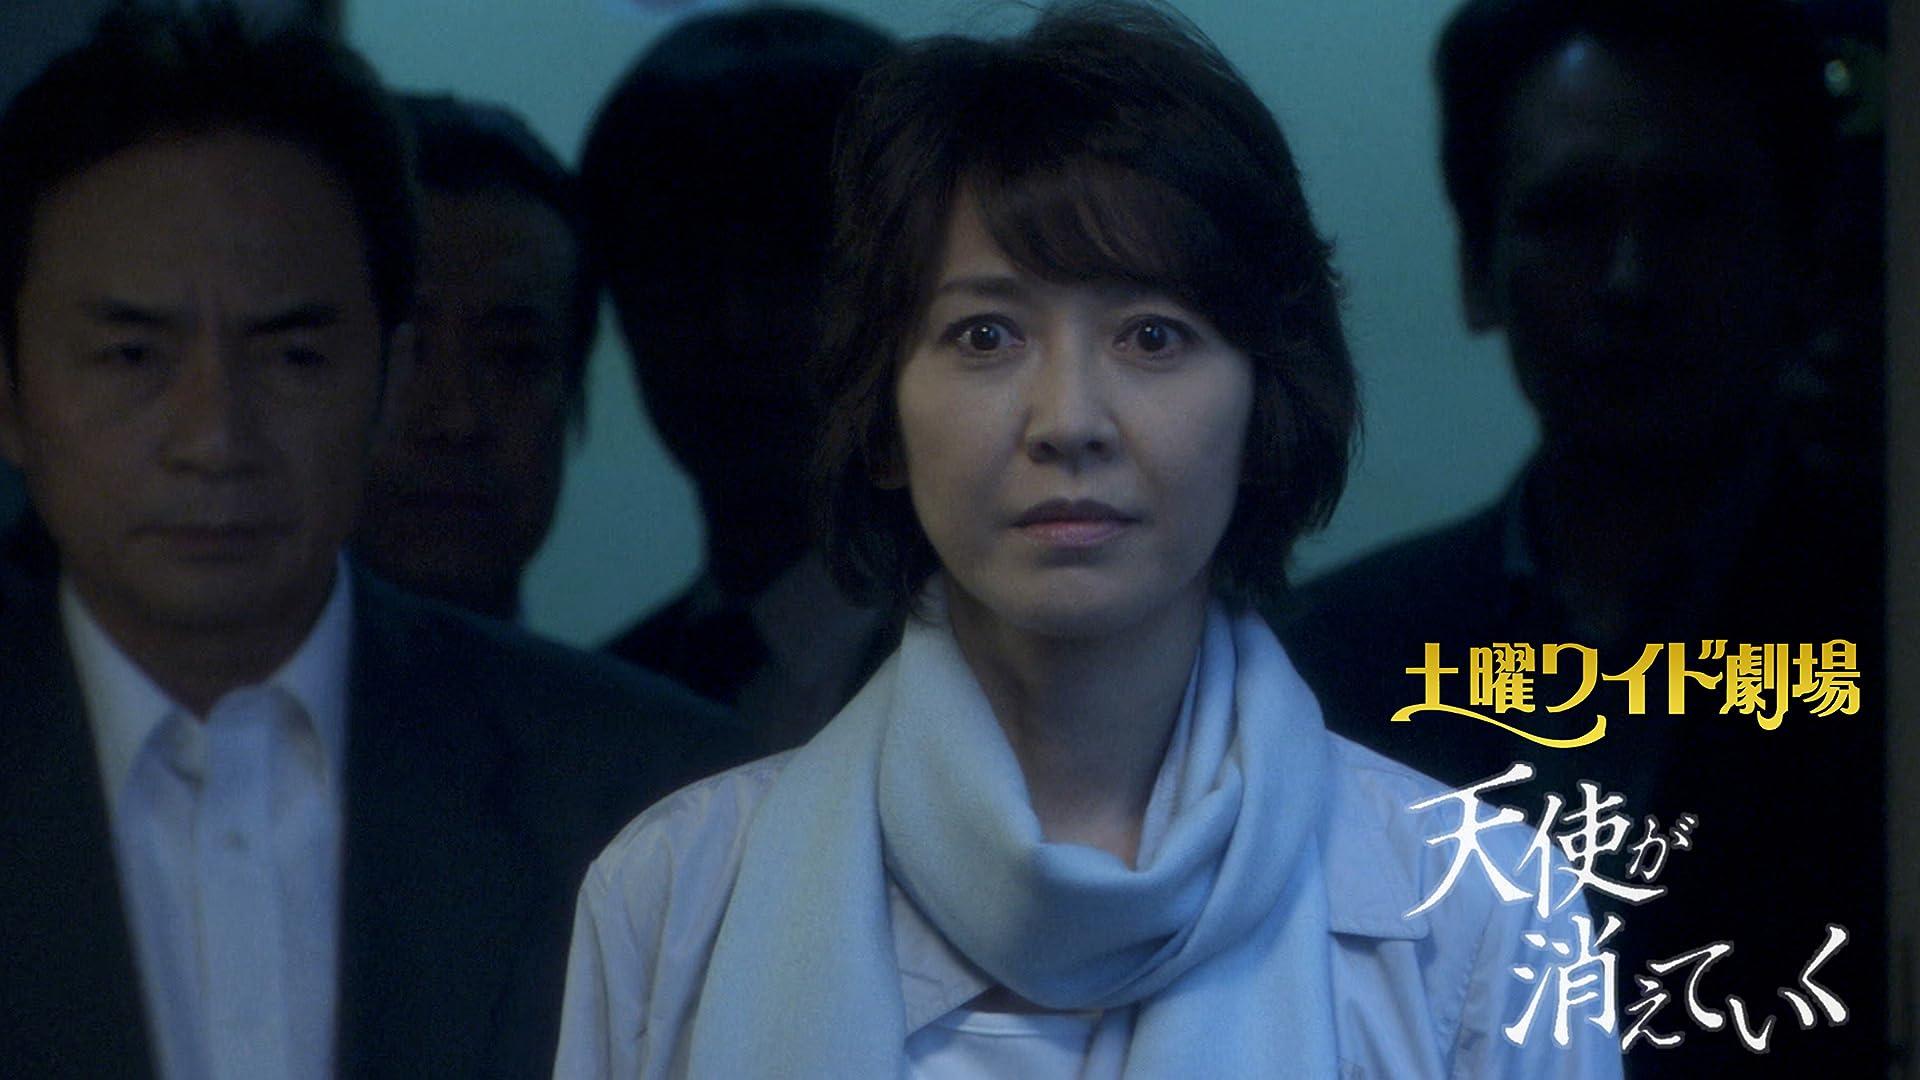 夏樹静子作家生活40年記念作品「天使が消えていく」